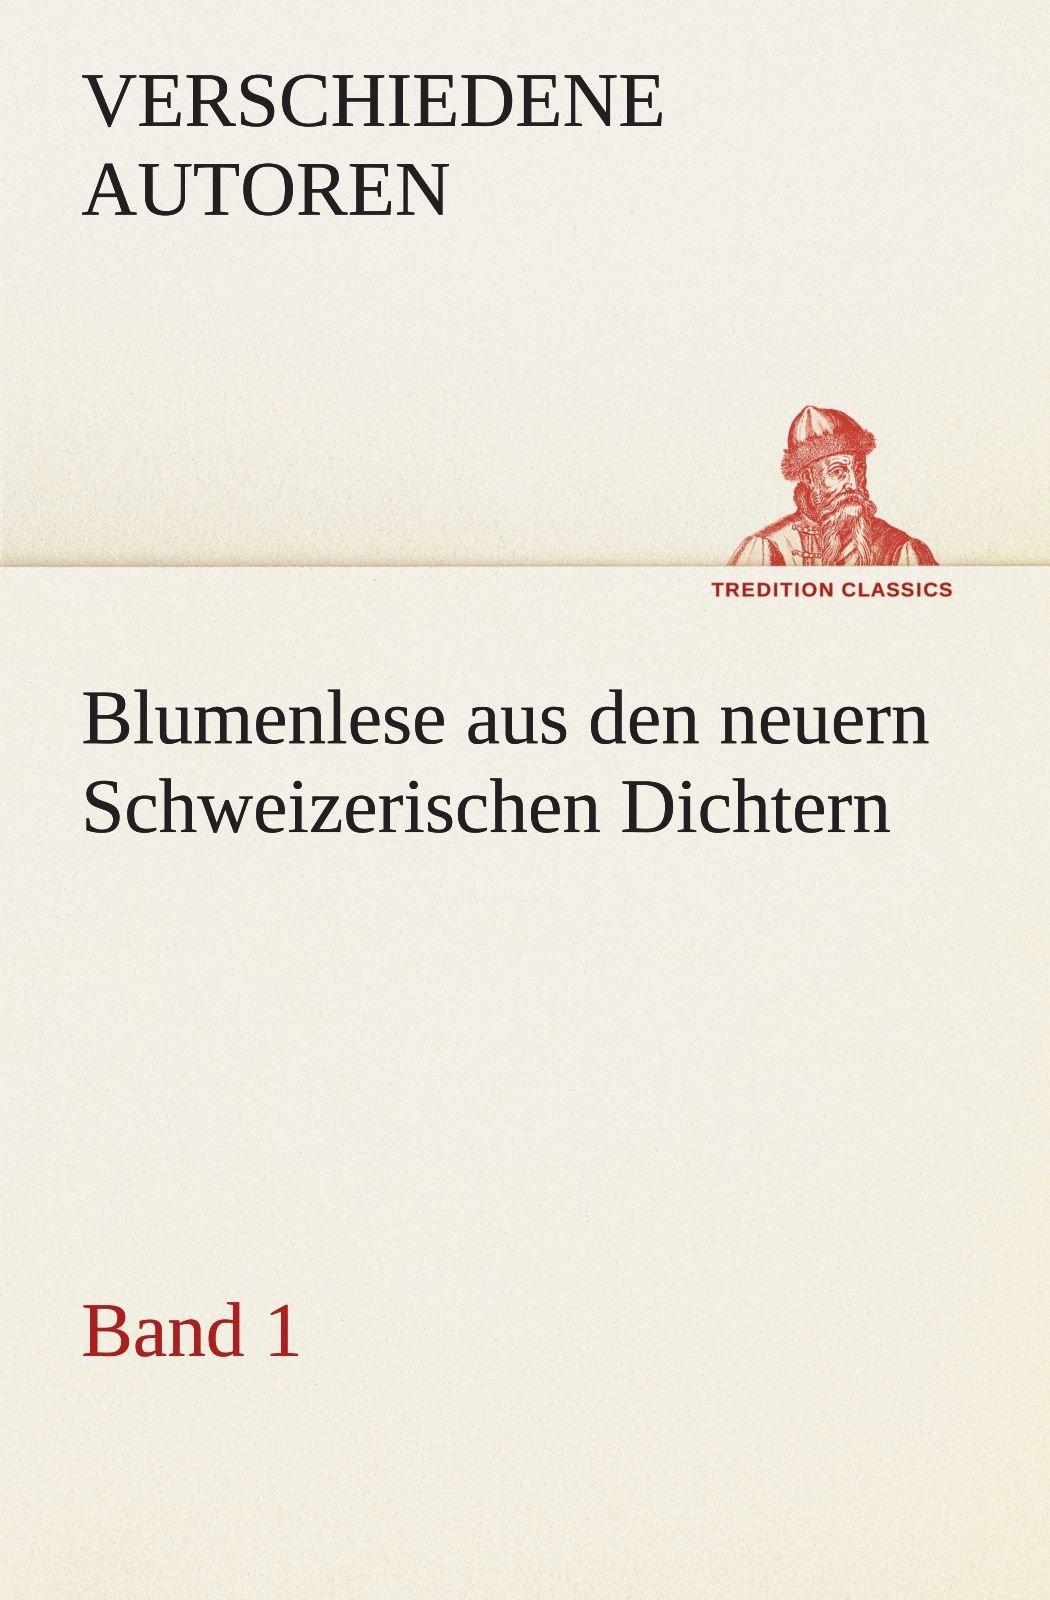 Download Blumenlese aus den neuern Schweizerischen Dichtern: Band 1 (TREDITION CLASSICS) (German Edition) PDF